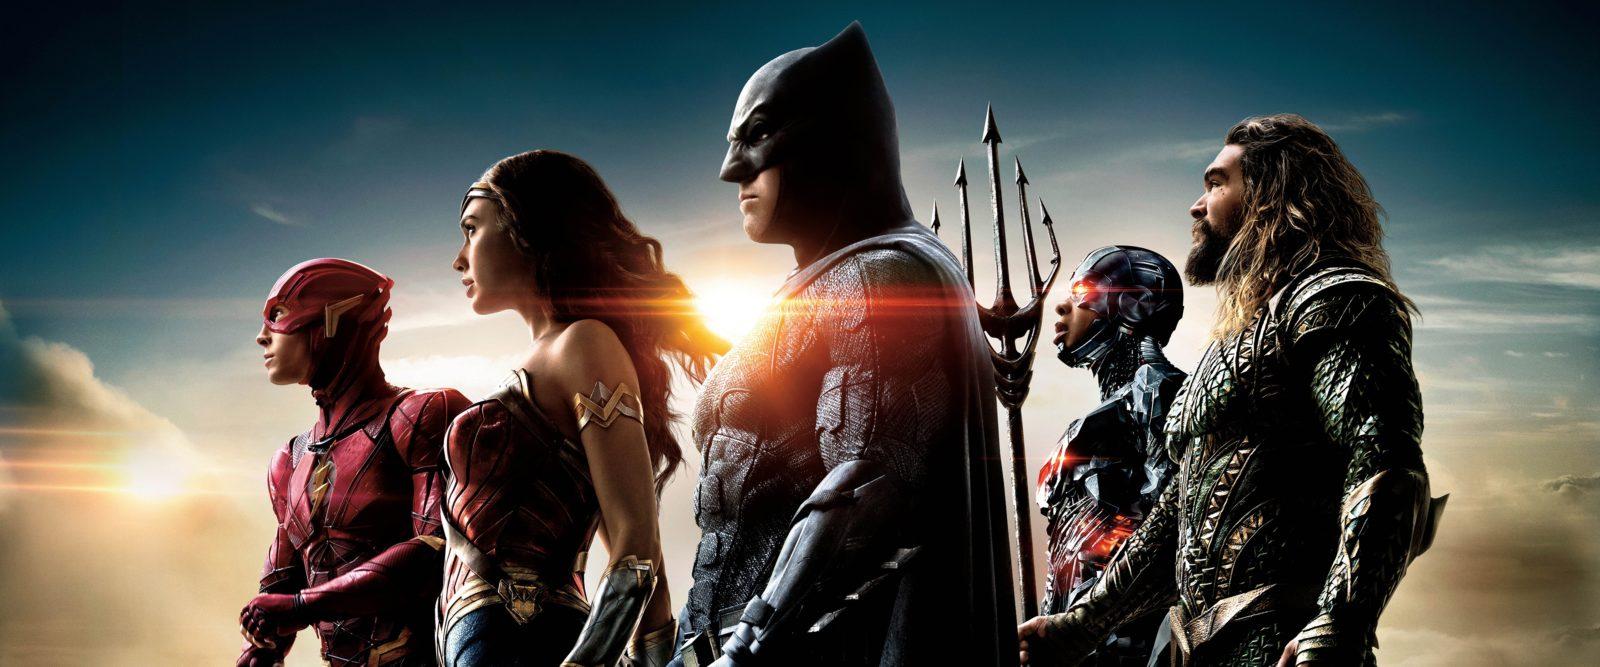 «Лига справедливости» Зака Снайдера может выйти одним фильмом